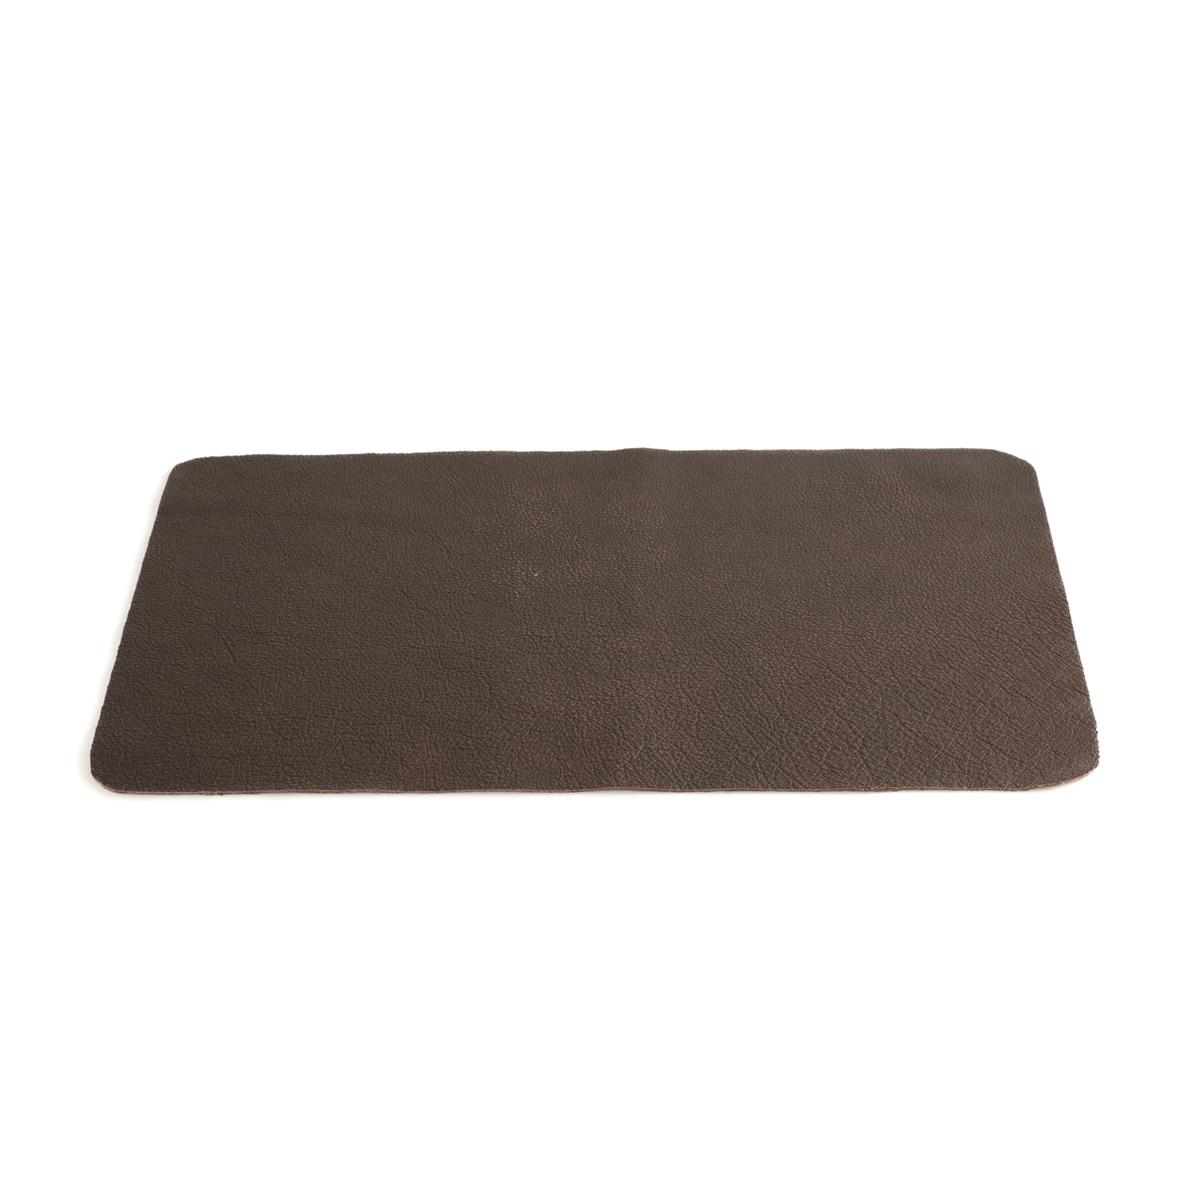 цена на Комплект из подложек под La Redoute Столовые приборы из кожи Achim единый размер каштановый